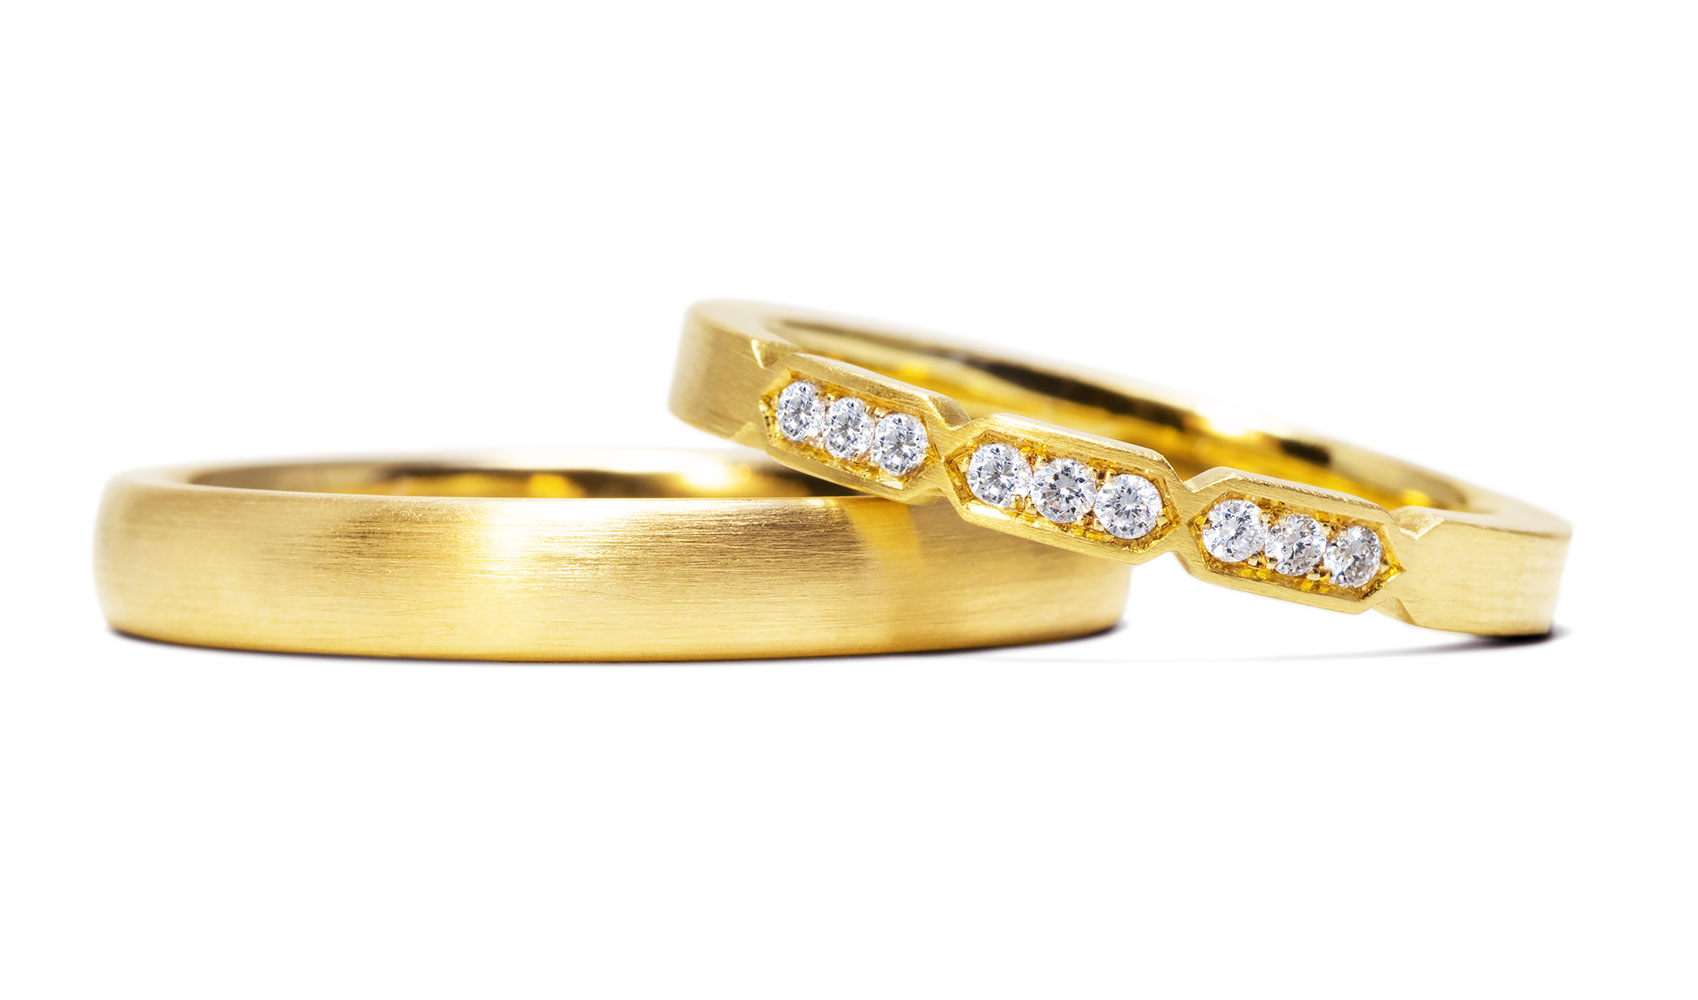 GOLDAFFAIRS - Eheringe aus ökofairem Gold mit weißen Diamanten